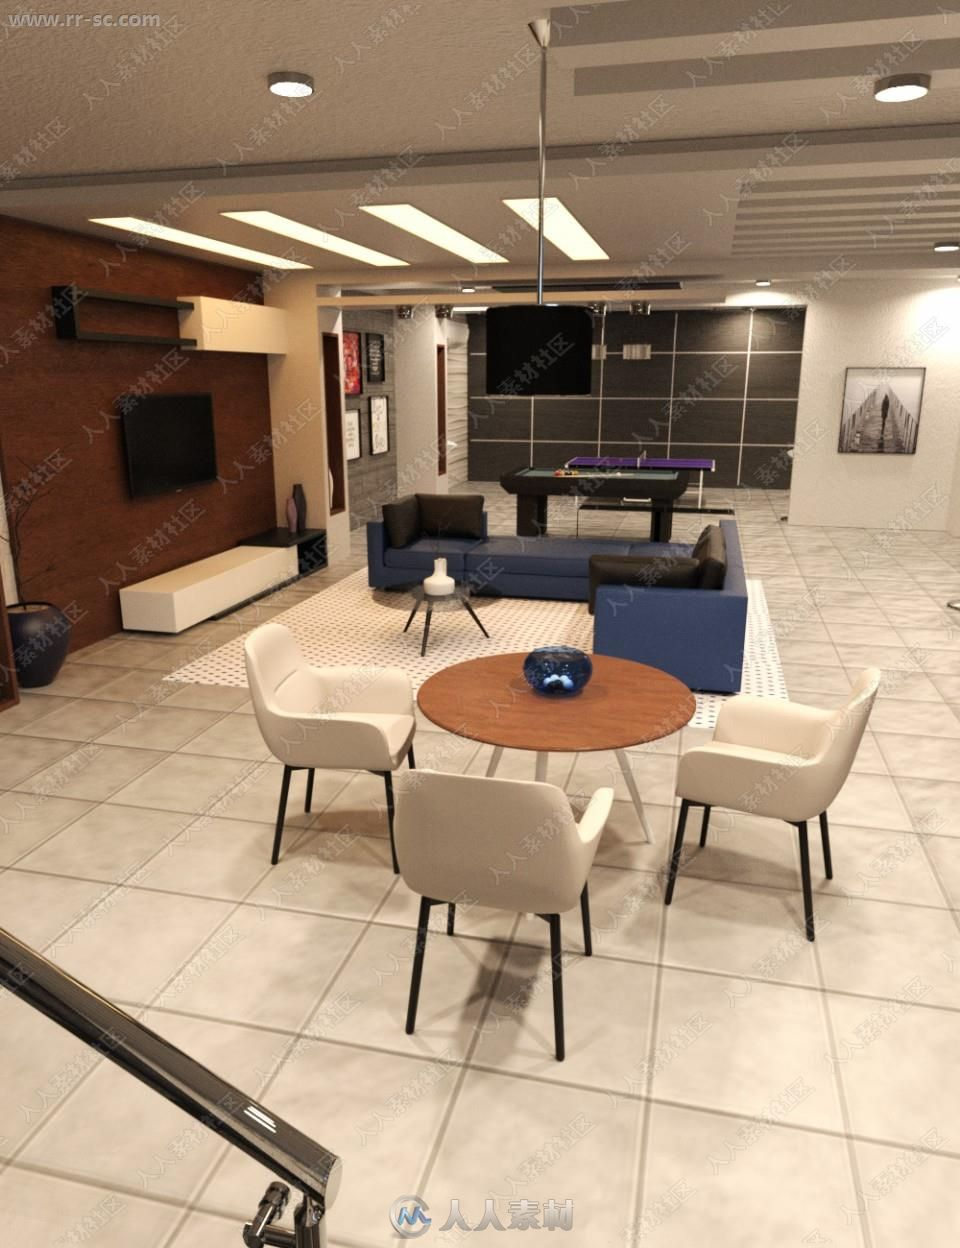 简洁舒适室内布局家具环境3D模型